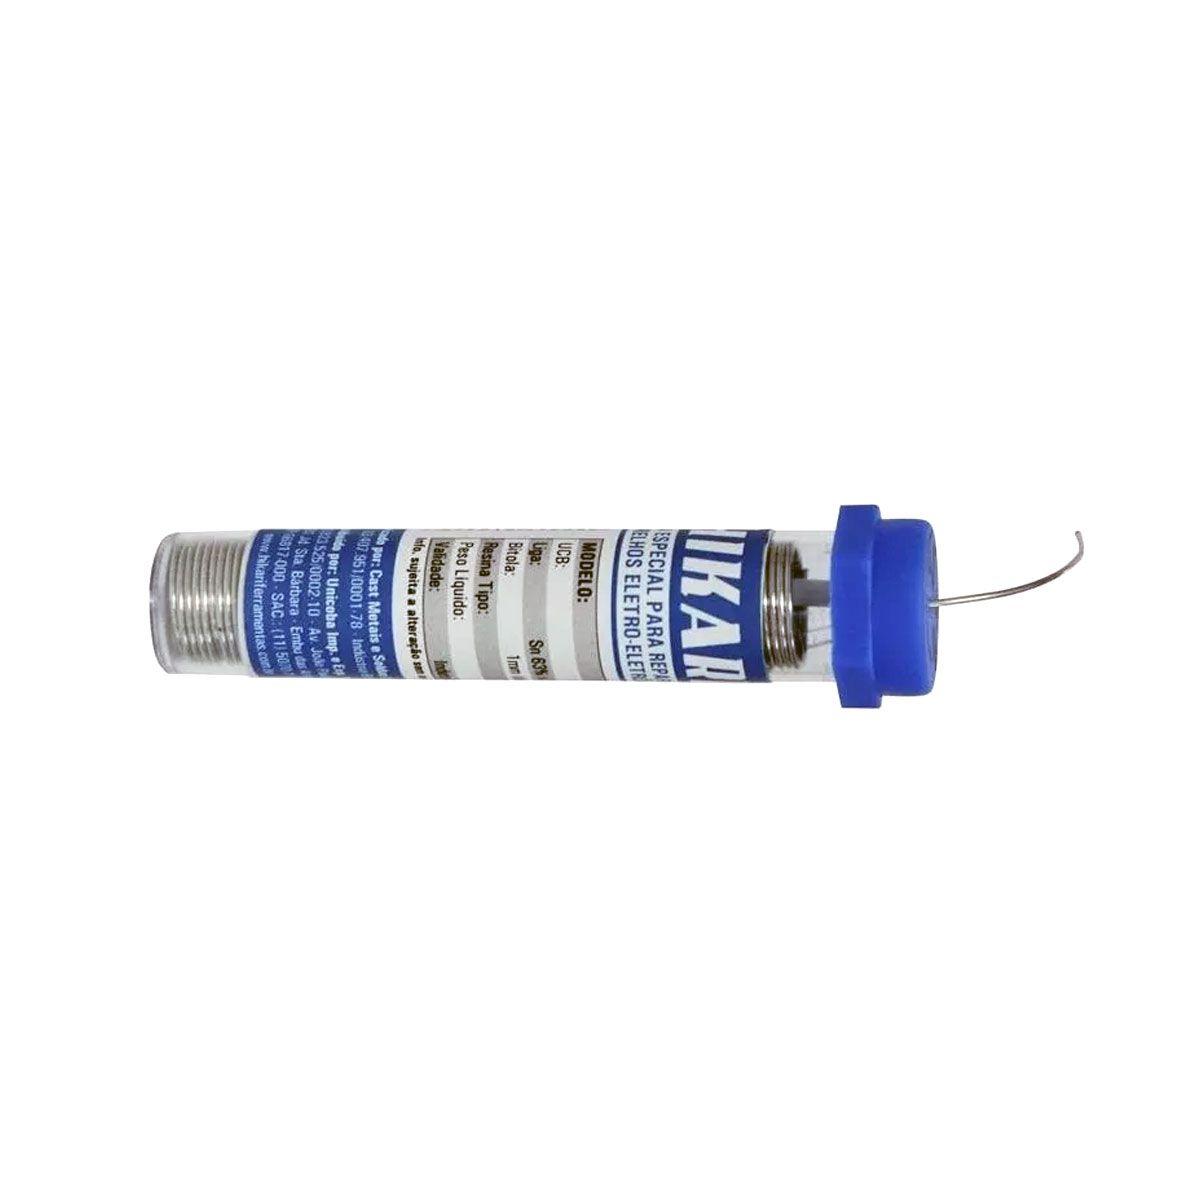 Tubo de Solda / Estanho Hikari 1mm HS-63 - Alta Qualidade